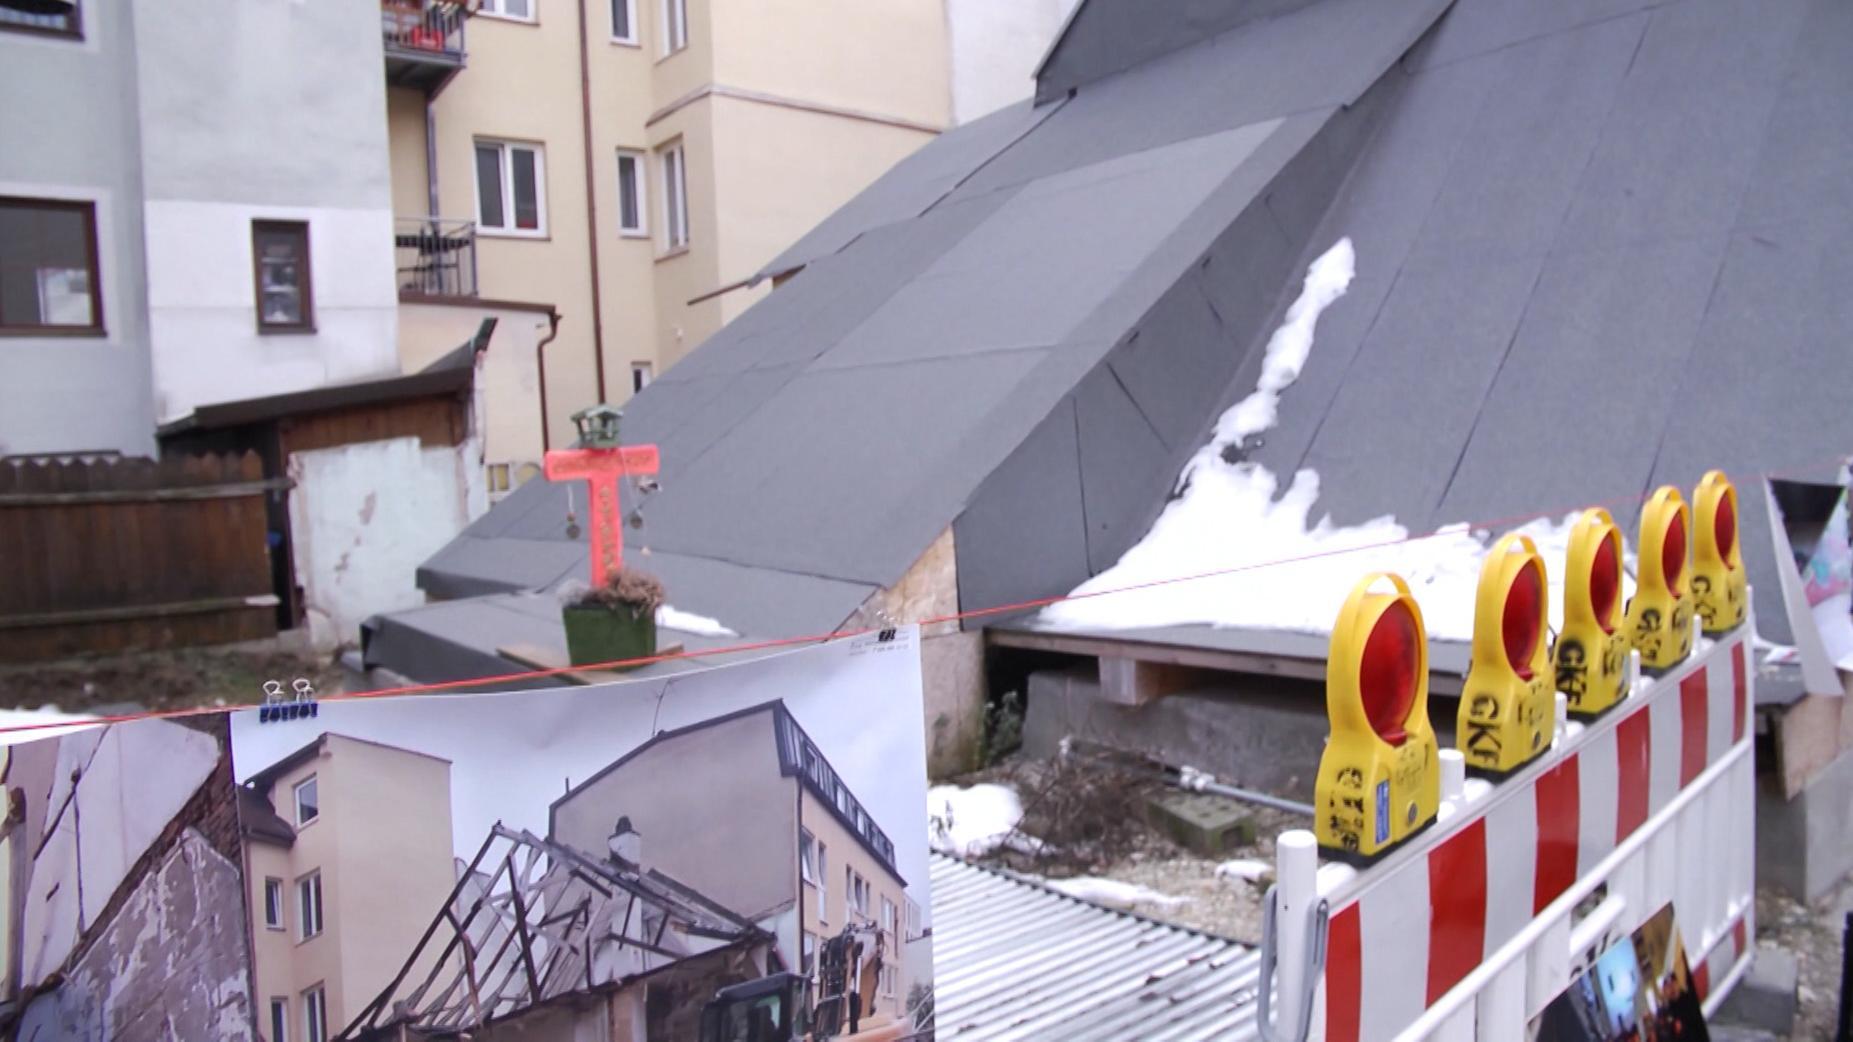 Illegal abgerissenes Uhrmacherhäusl in München Giesing